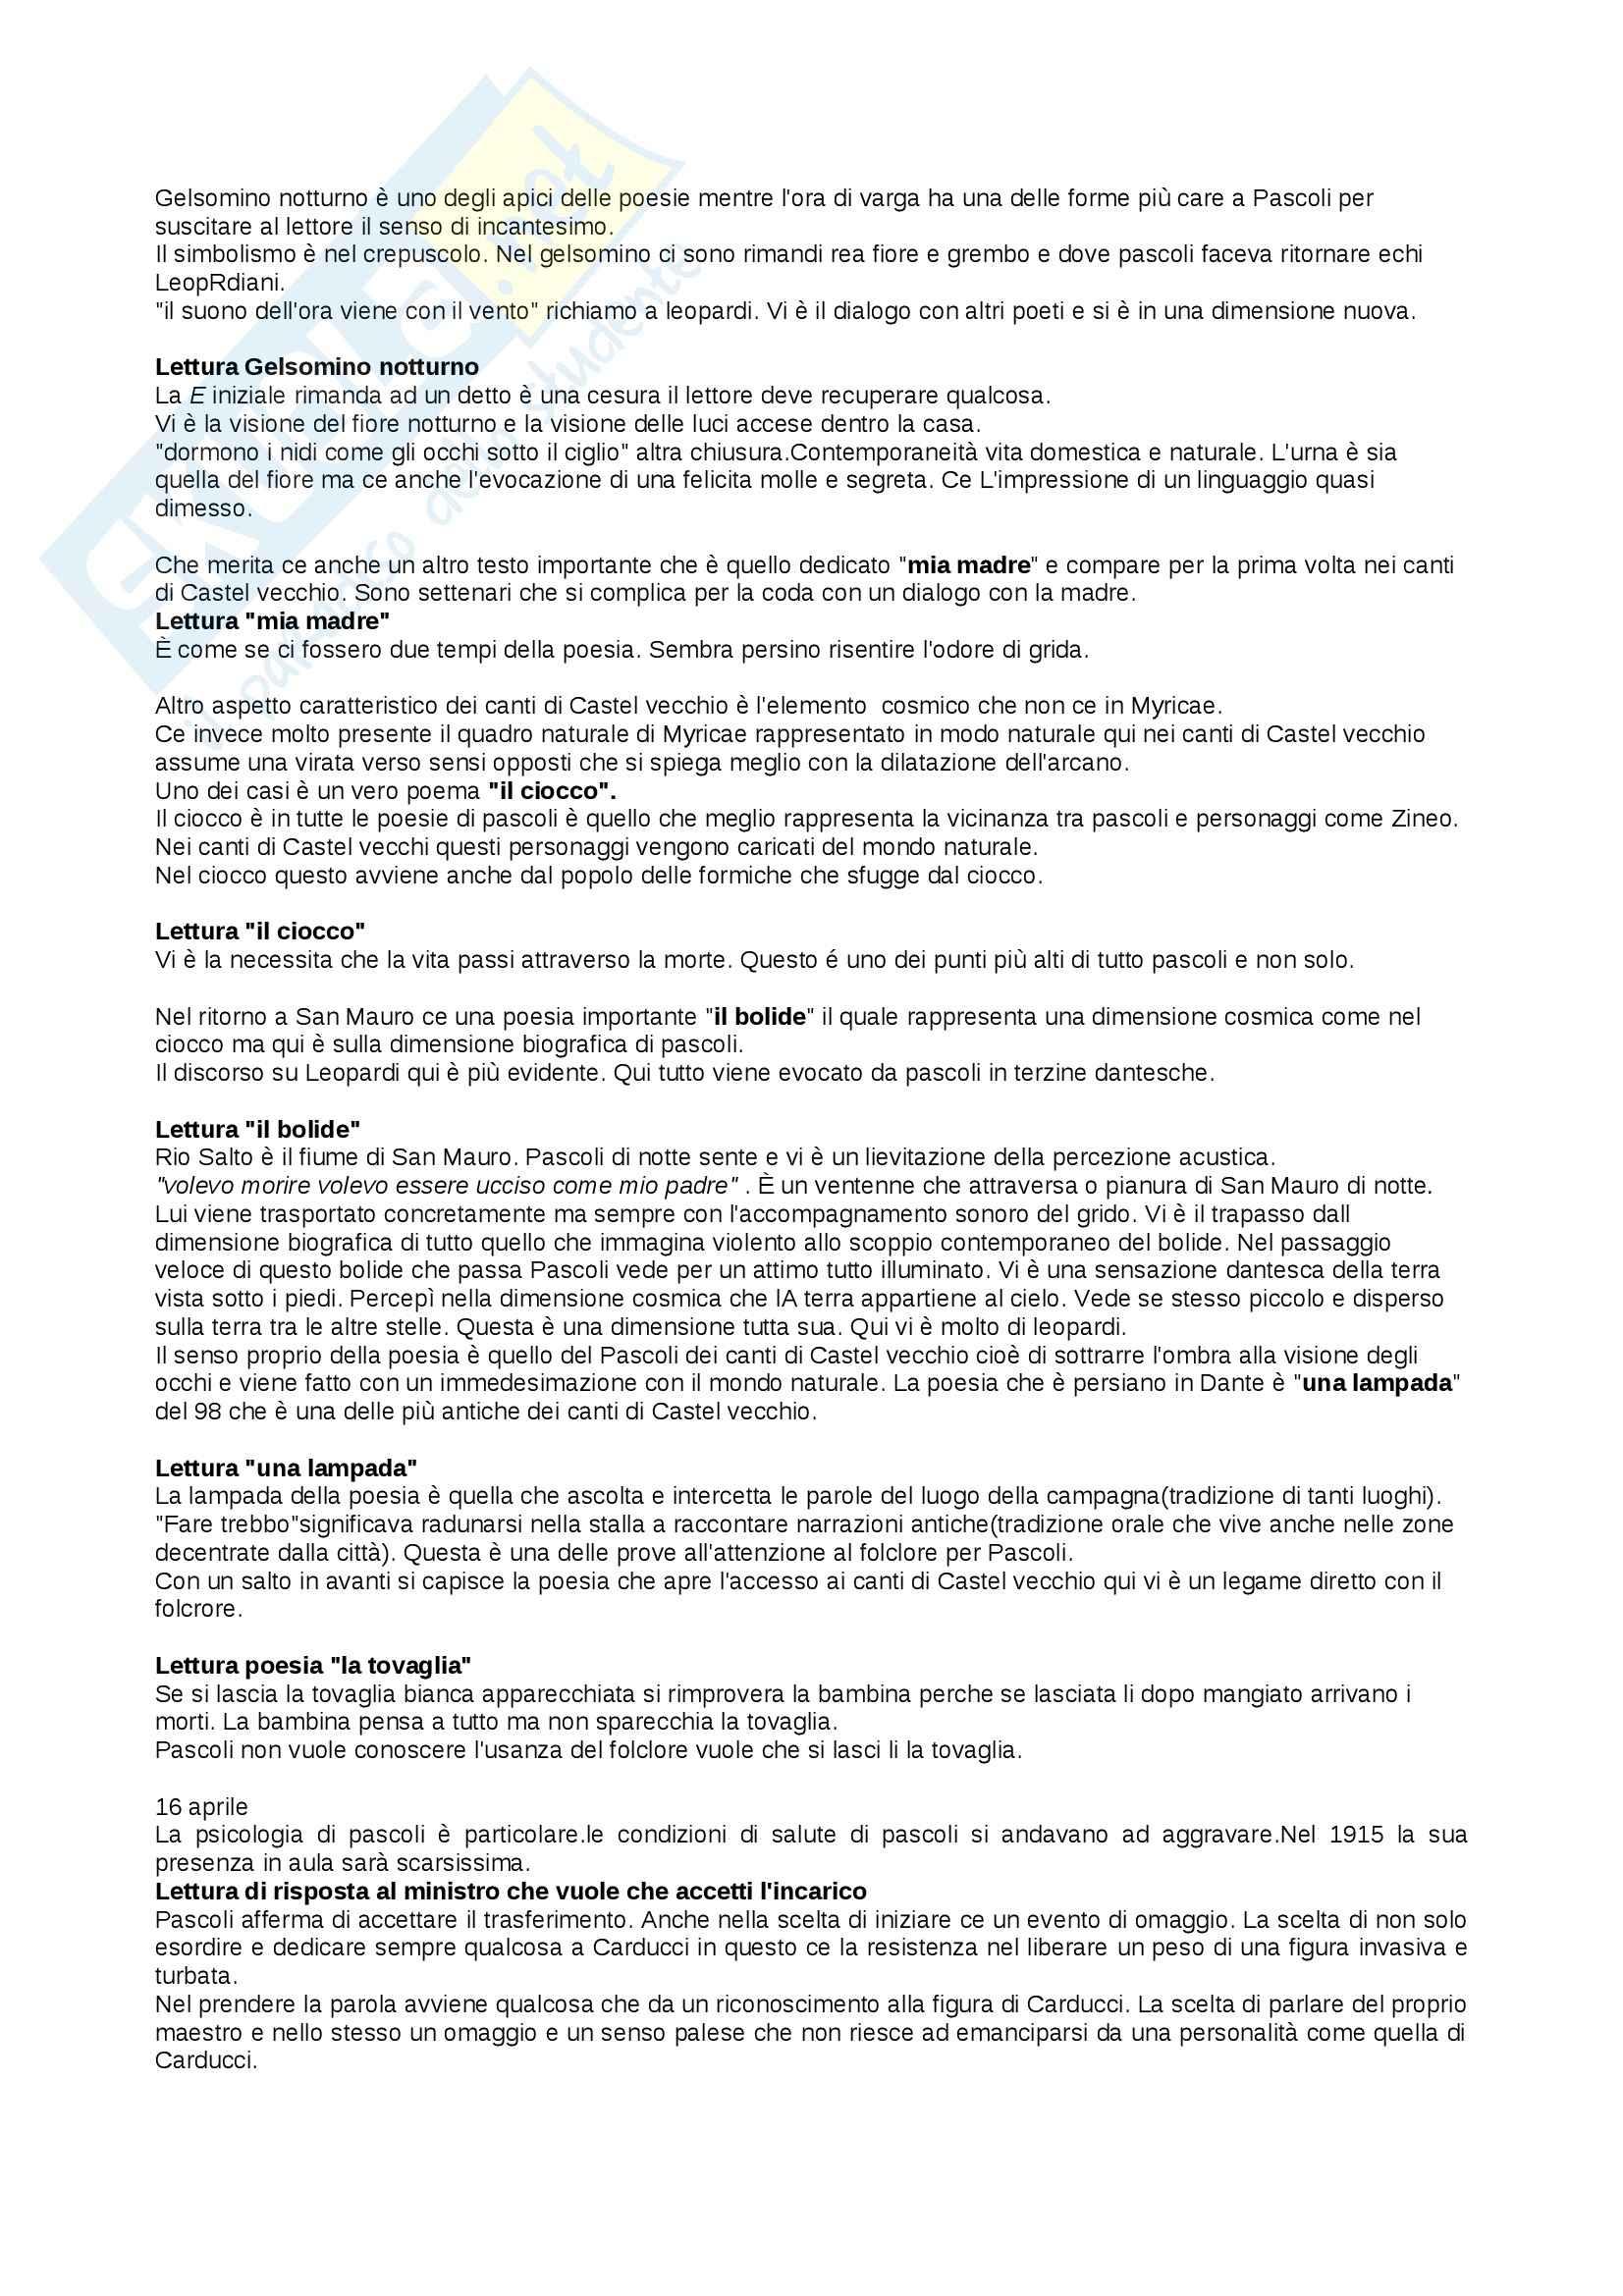 Lezioni, Letteratura italiana Pag. 51